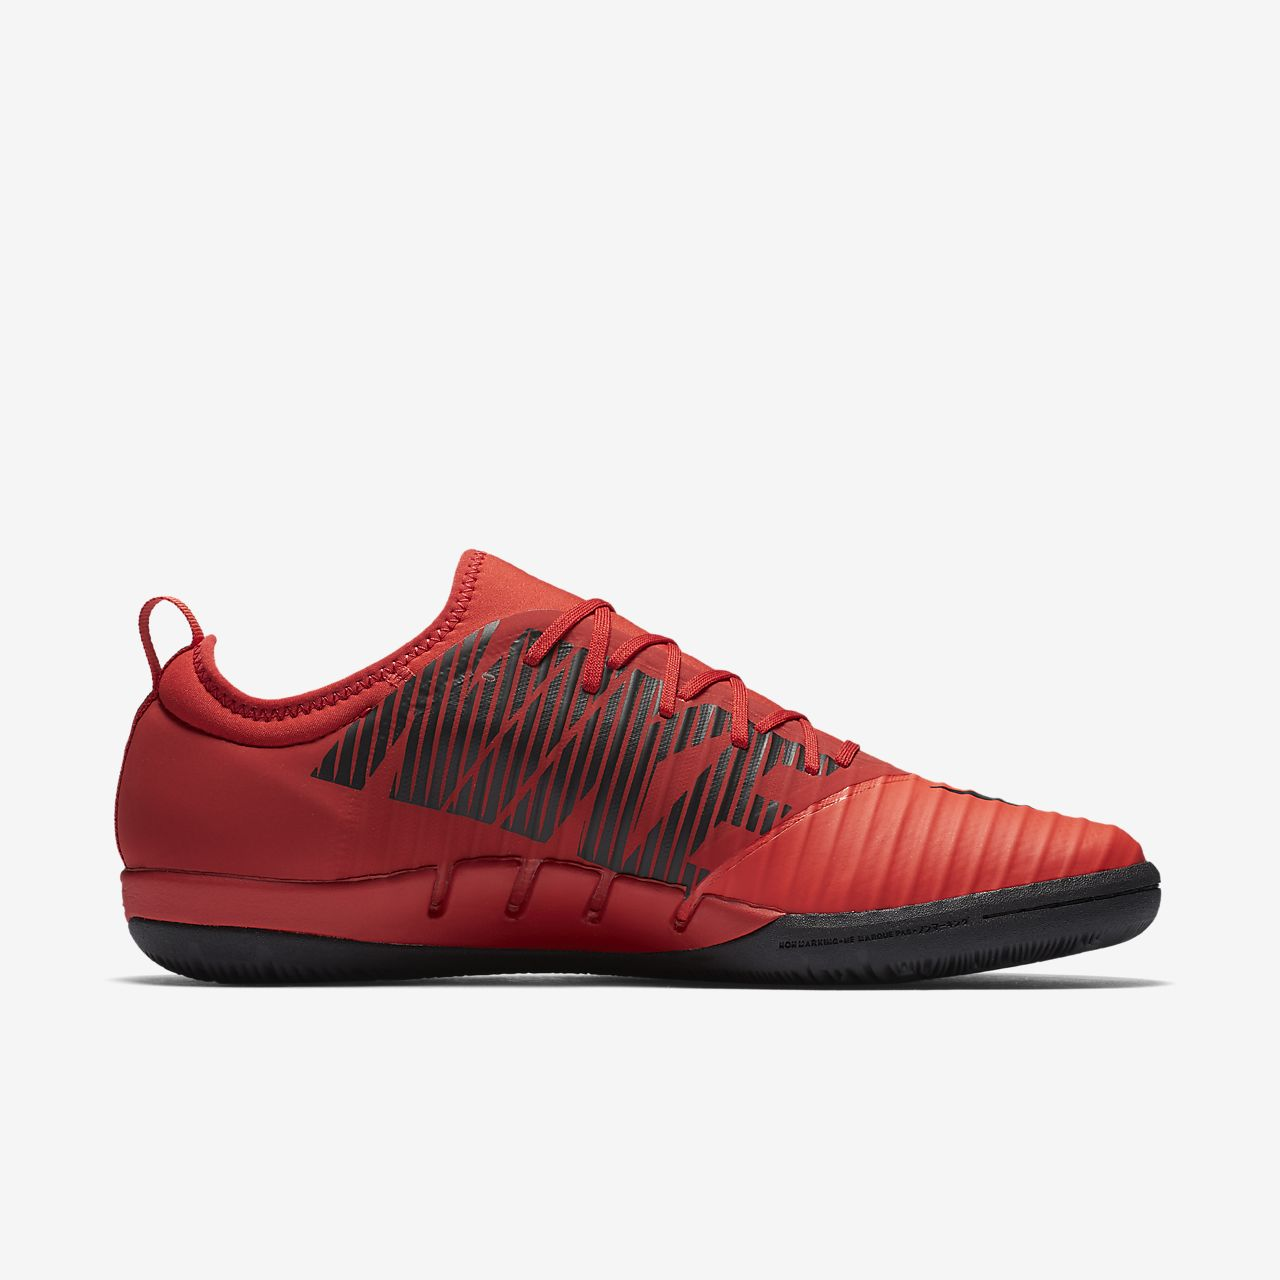 ... Nike MercurialX Finale II Indoor/Court Football Shoe